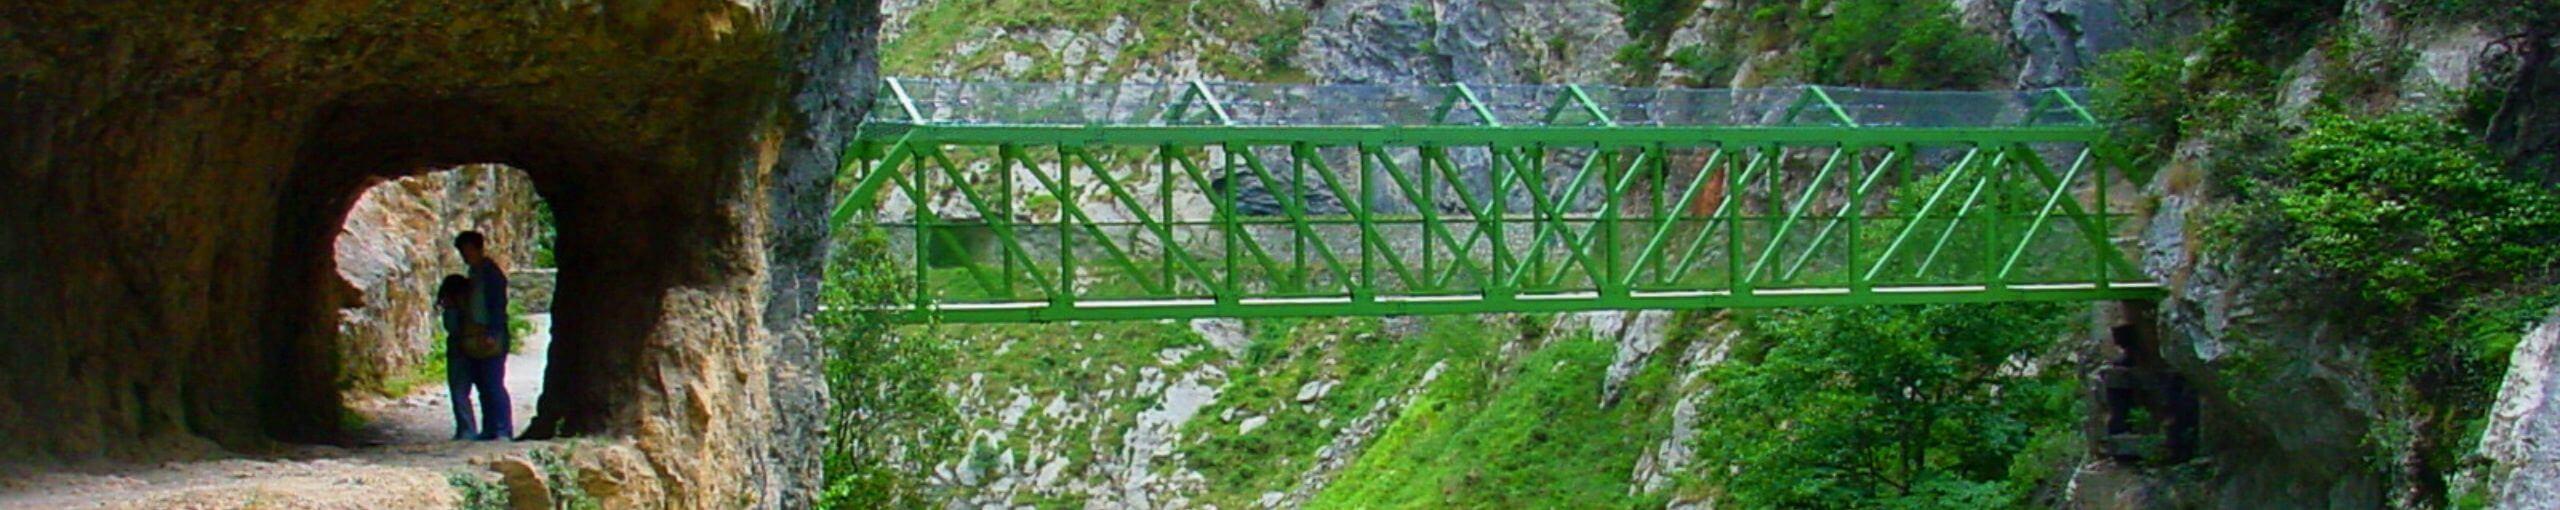 Ruta del Cares, Puente de los Rebecos. Caín, León.